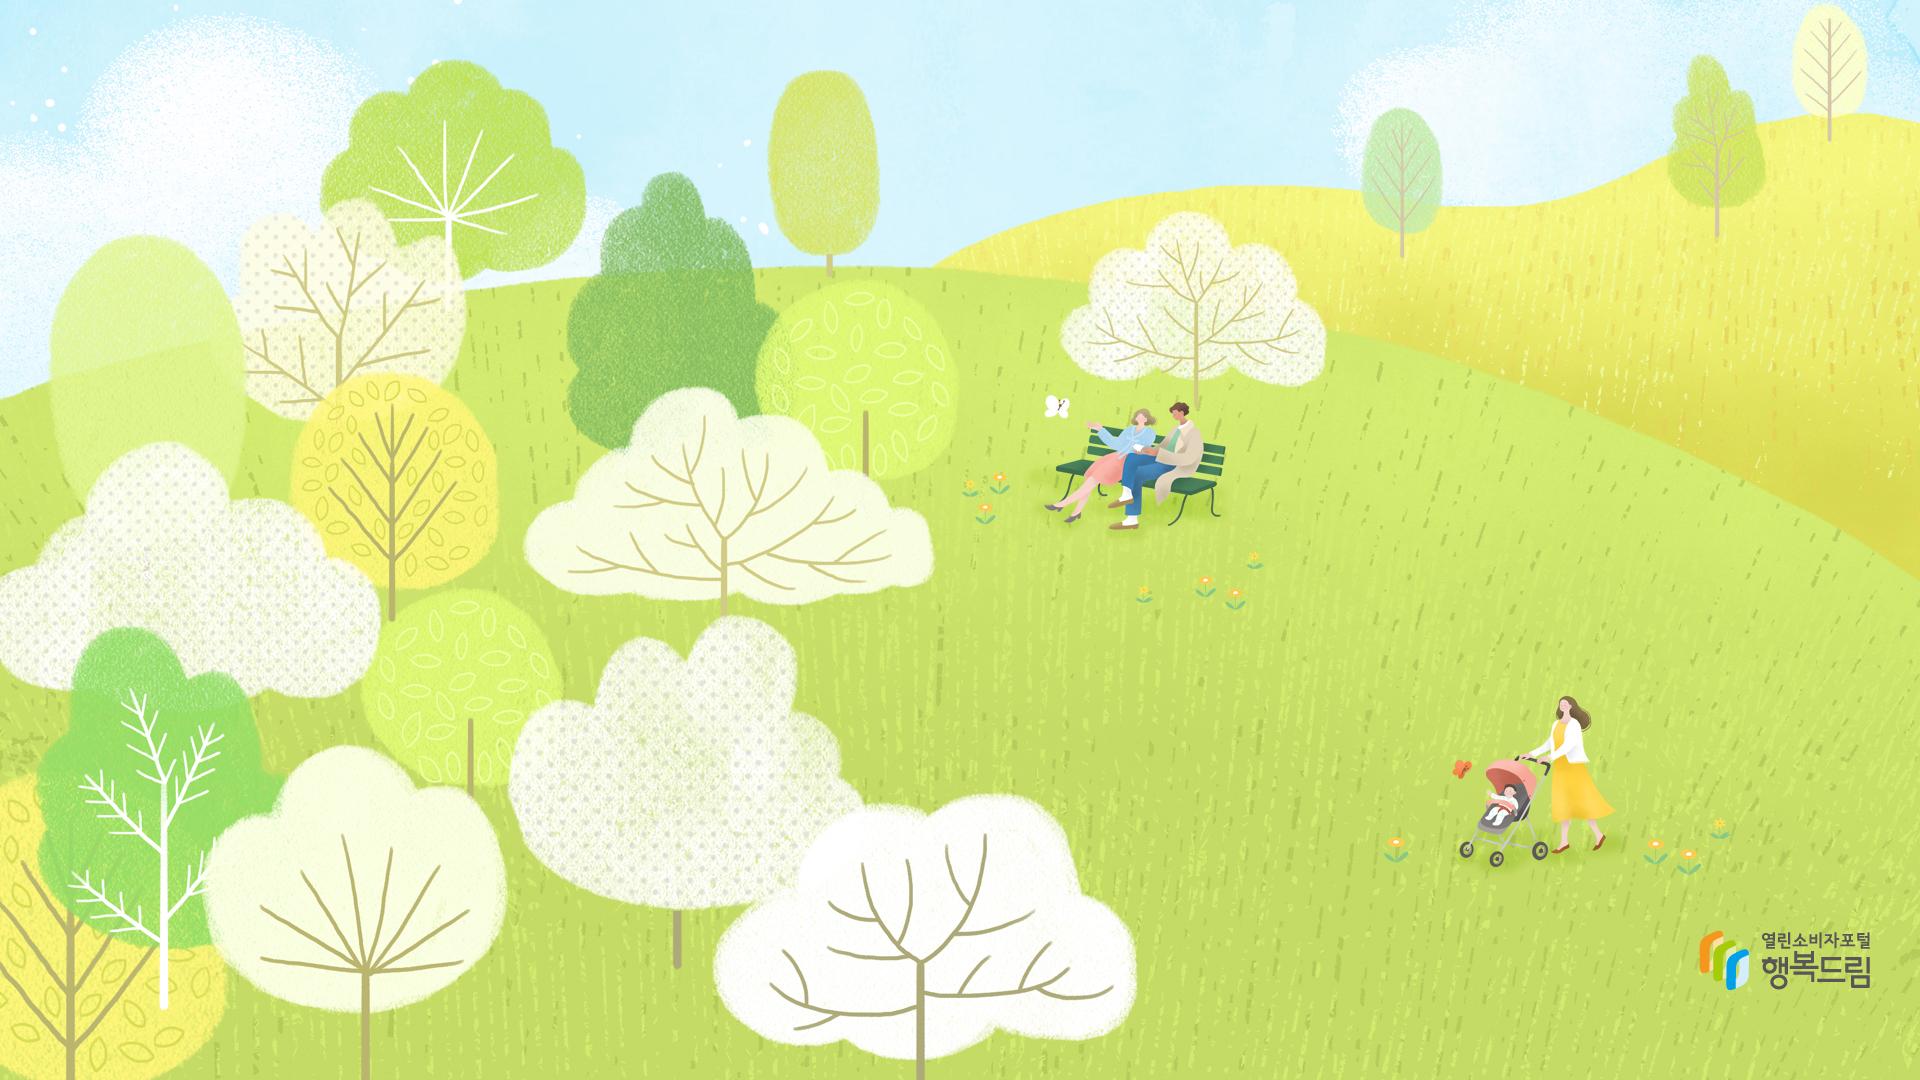 행복드림 5월 배경화면(PC, iOS, Android)